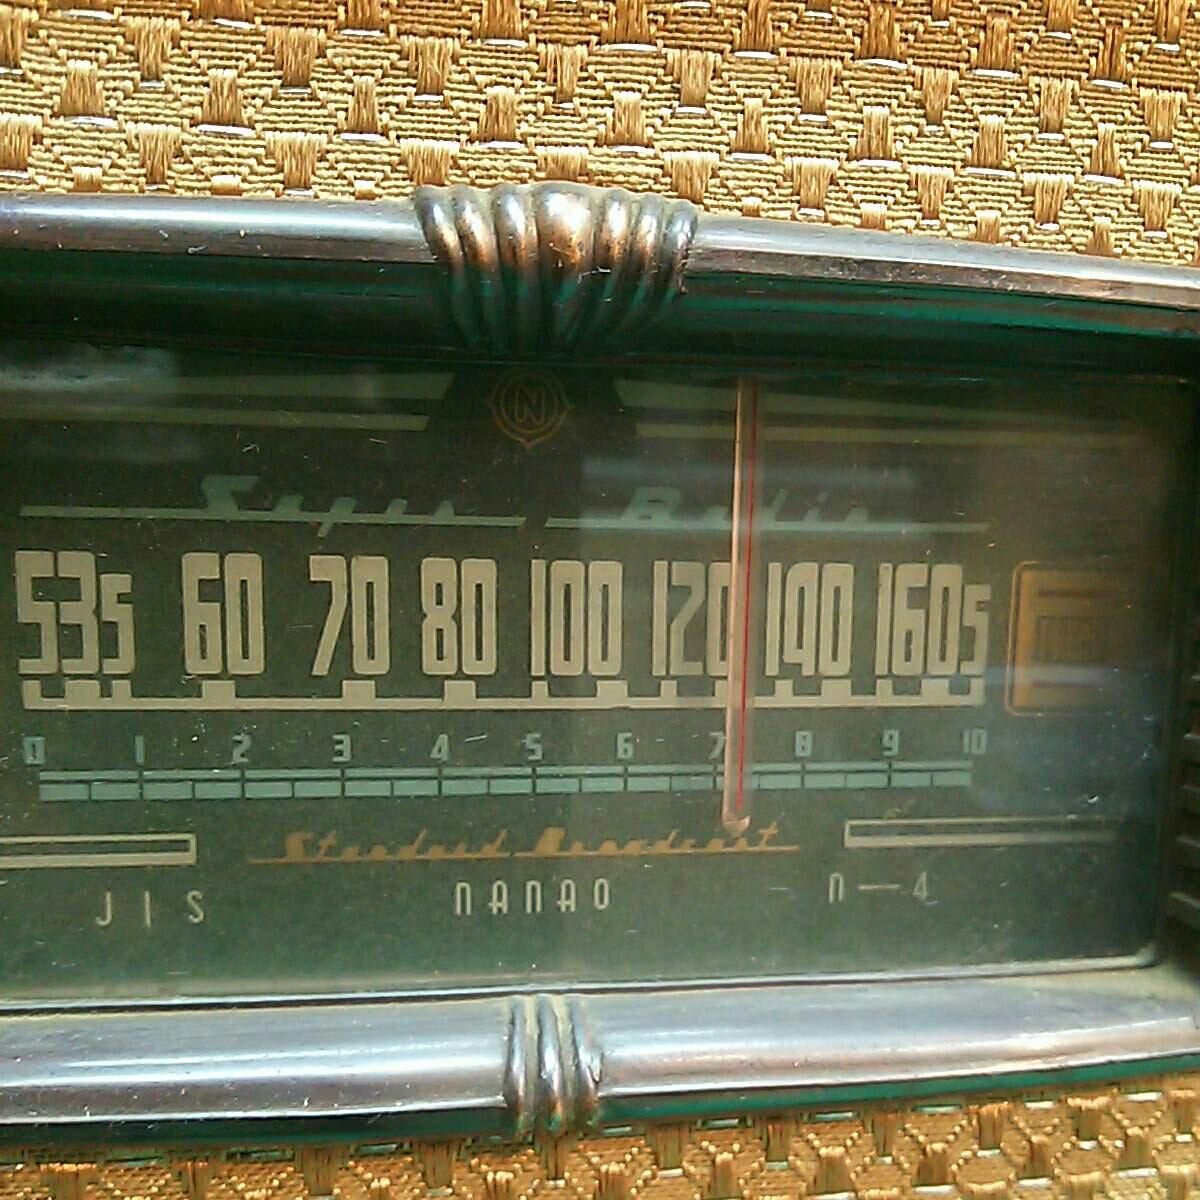 ナショナル 真空管 ラジオ ラヂオ 8F-32 ダイナミック スピーカー ジャンク TEN なす管 当時物 中古 アンティーク レトロ 部品取り_画像4